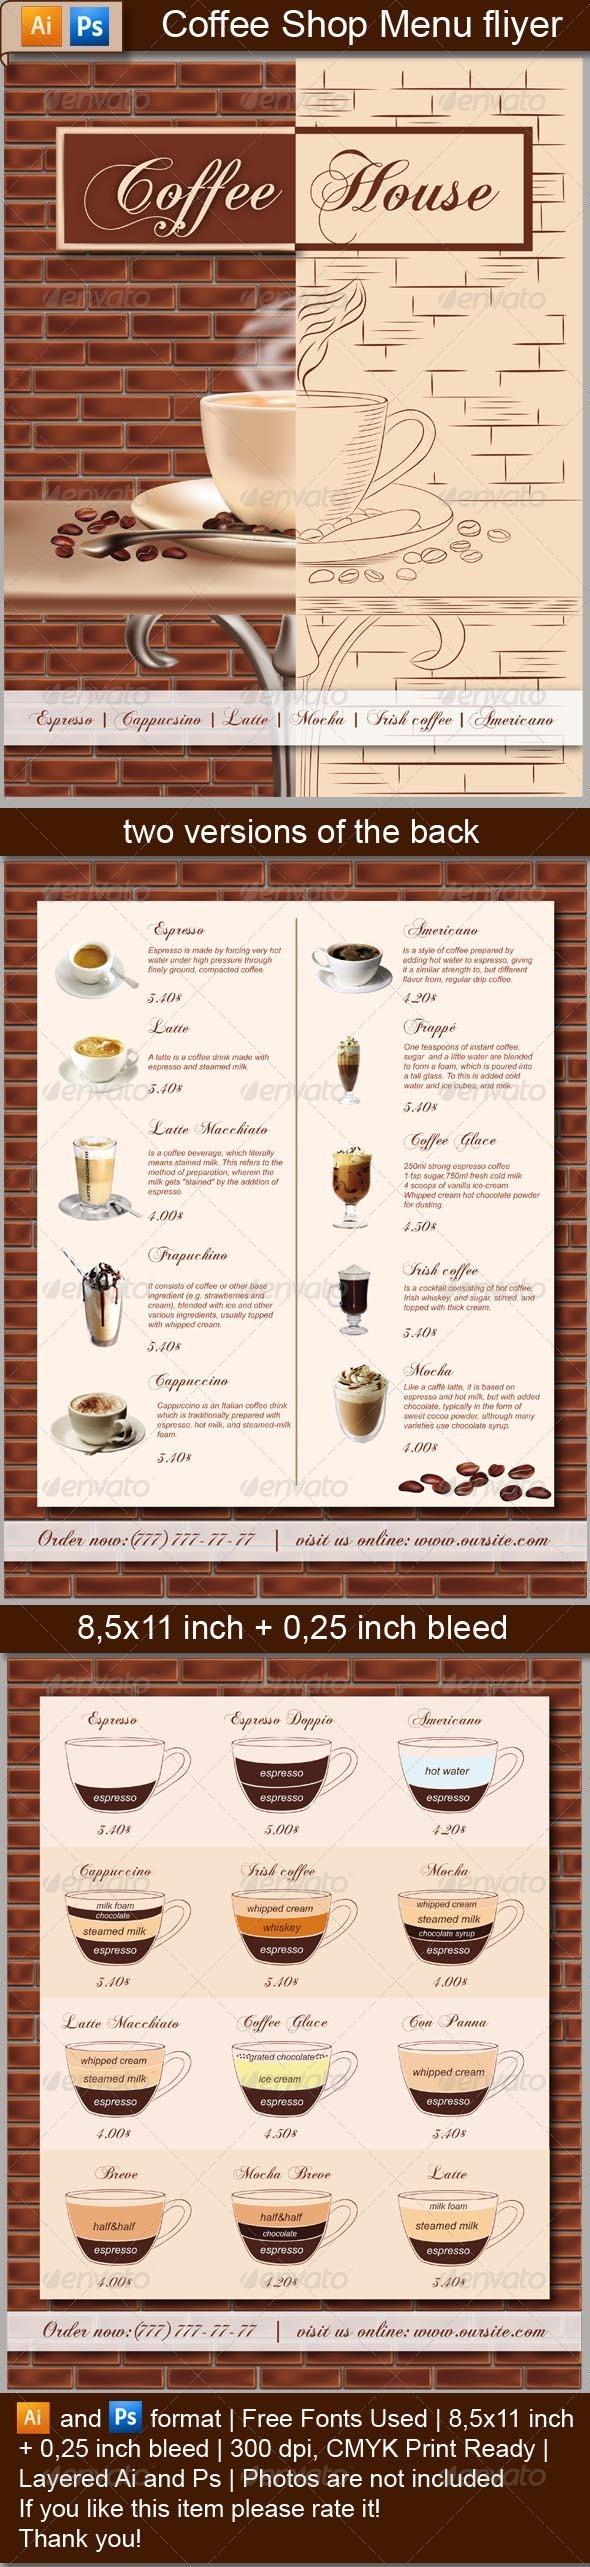 Coffee Shop Menu Flyer